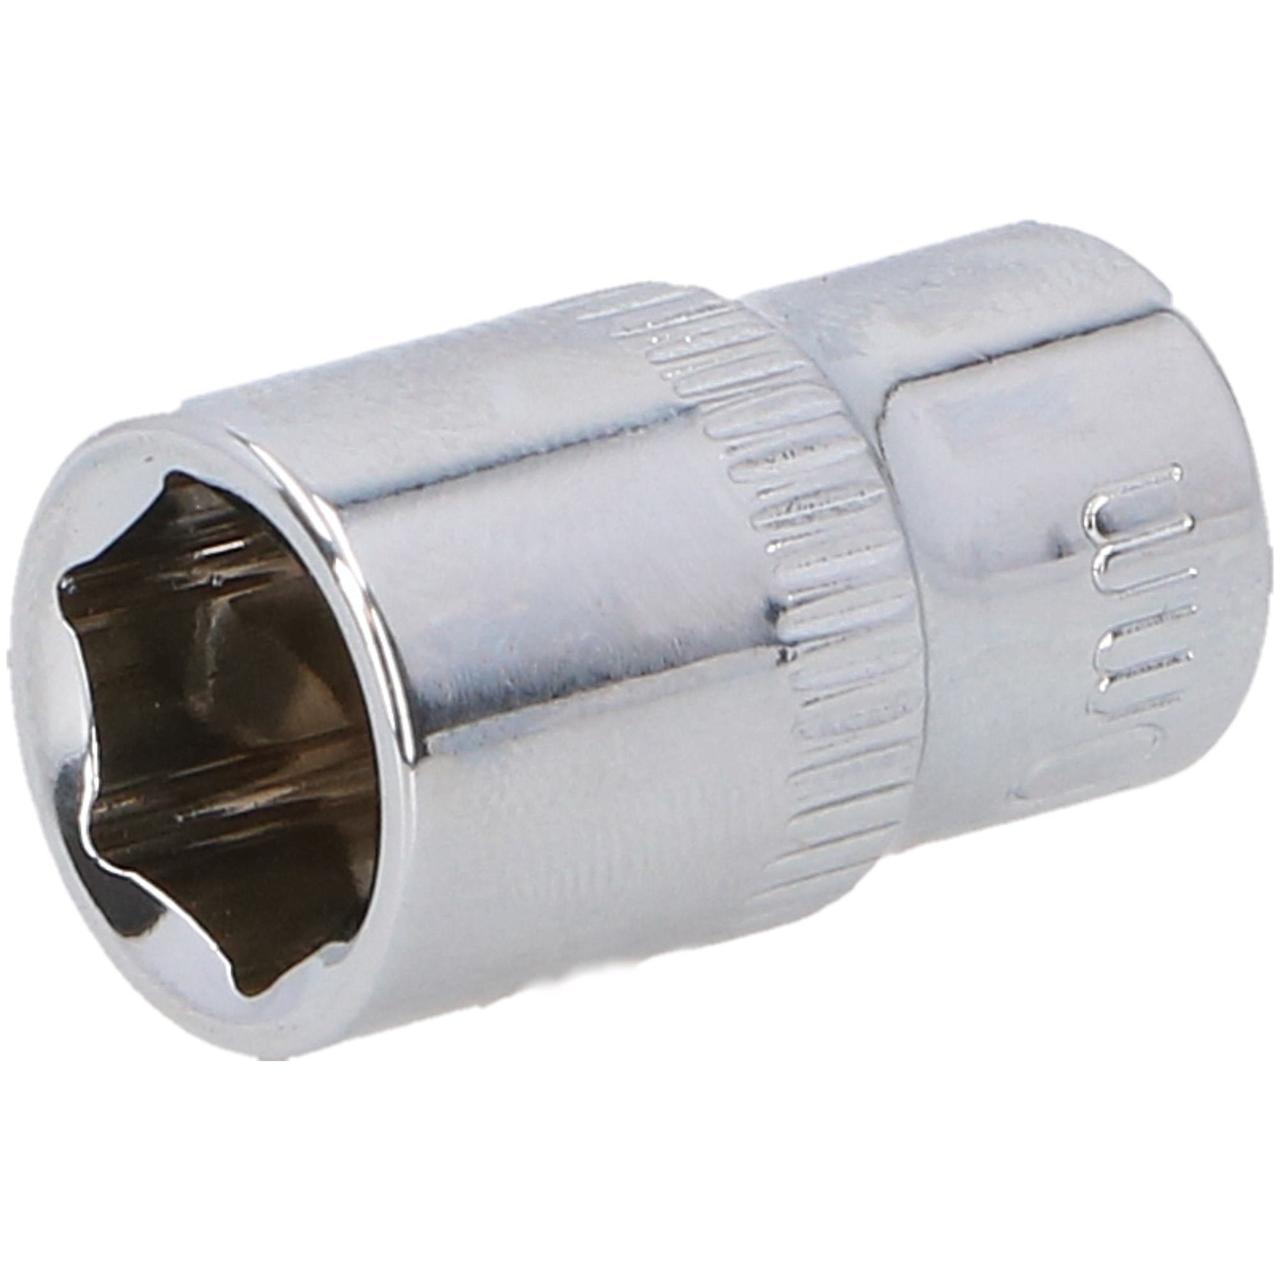 """Головка торцева 1/4"""" 13 мм FASTER TOOLS"""